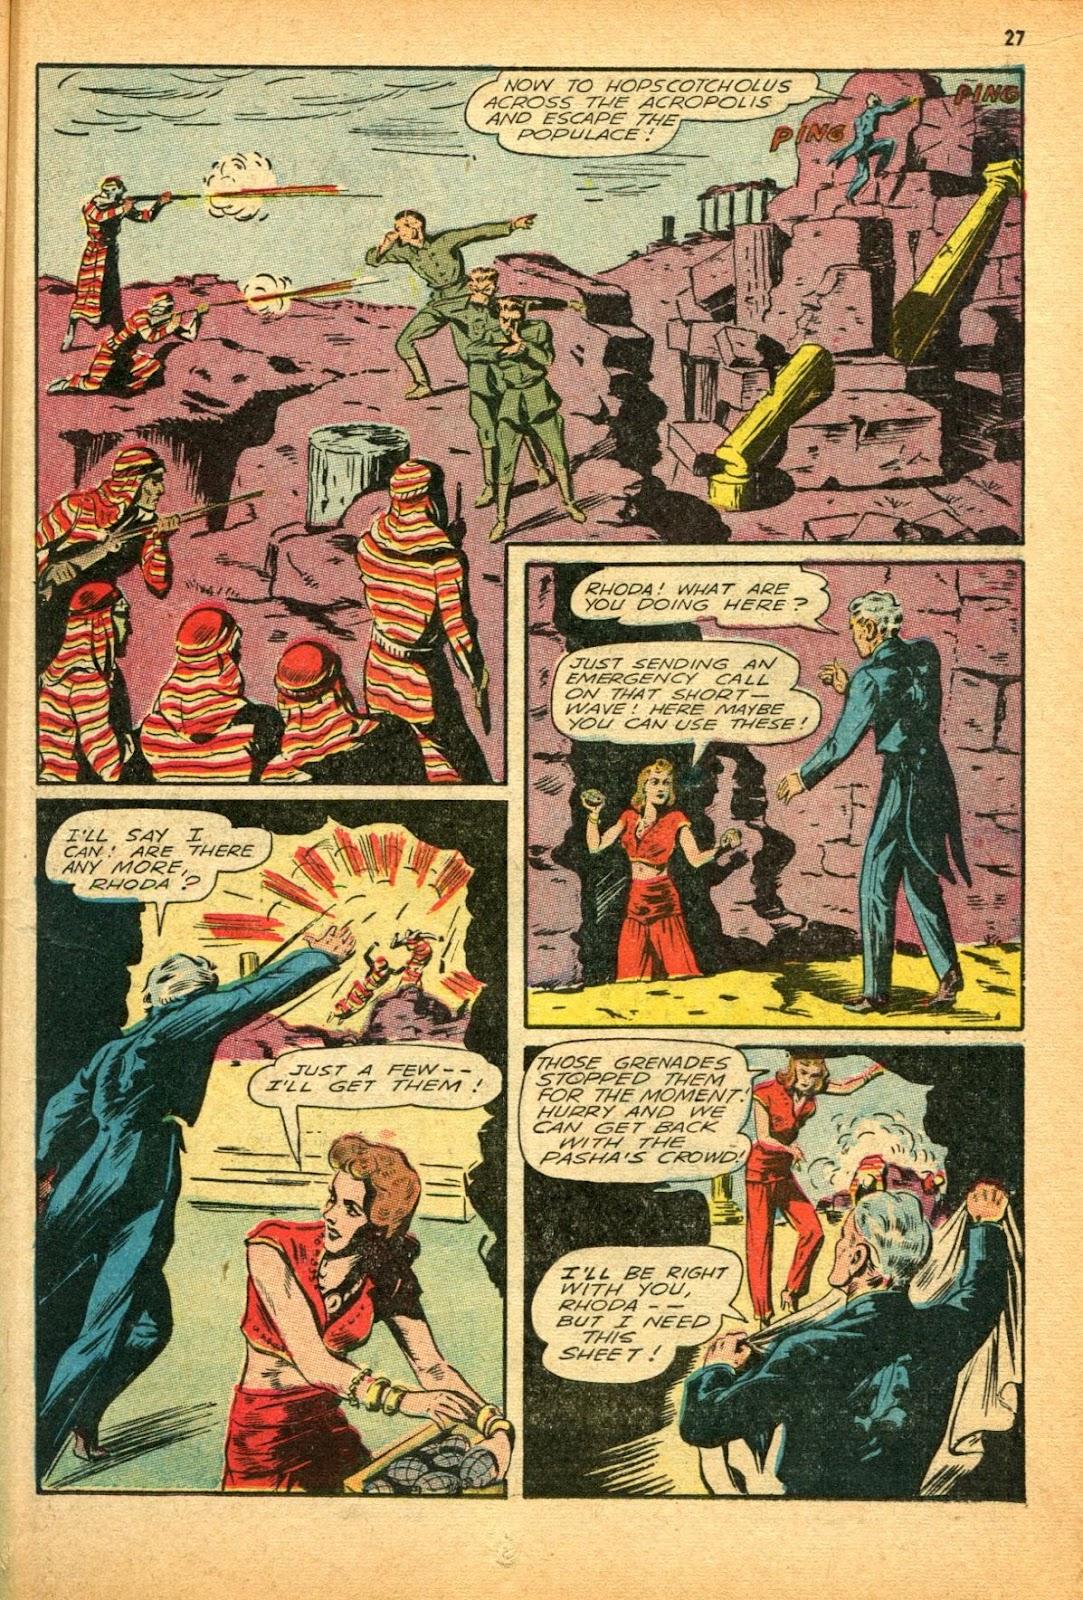 Read online Super-Magician Comics comic -  Issue #12 - 27